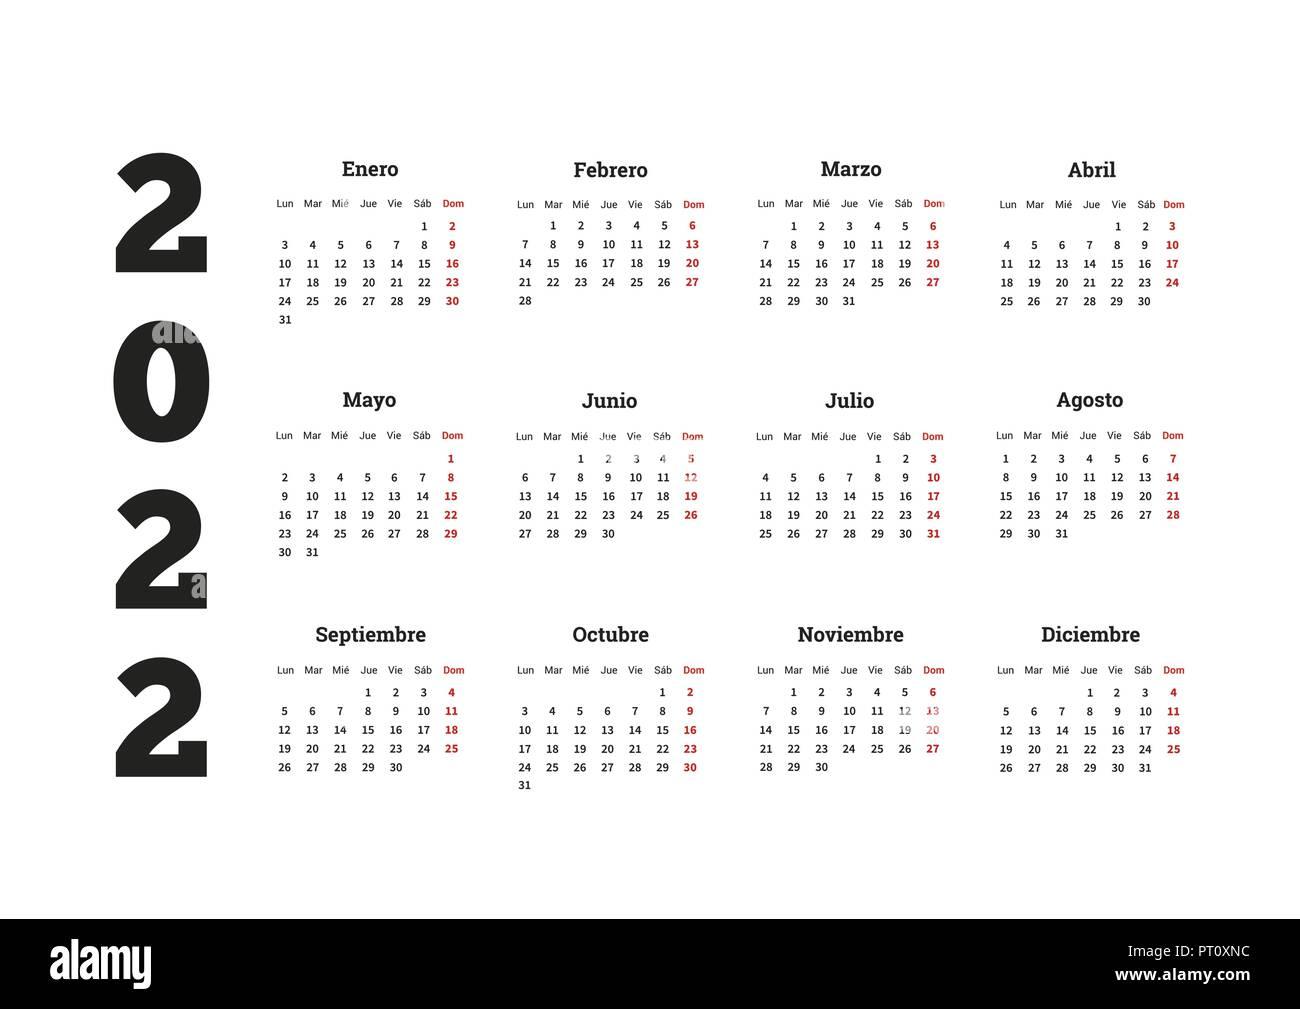 Calendrier Espagnol 2022 L'année 2022 calendrier simple en espagnol, on white Image